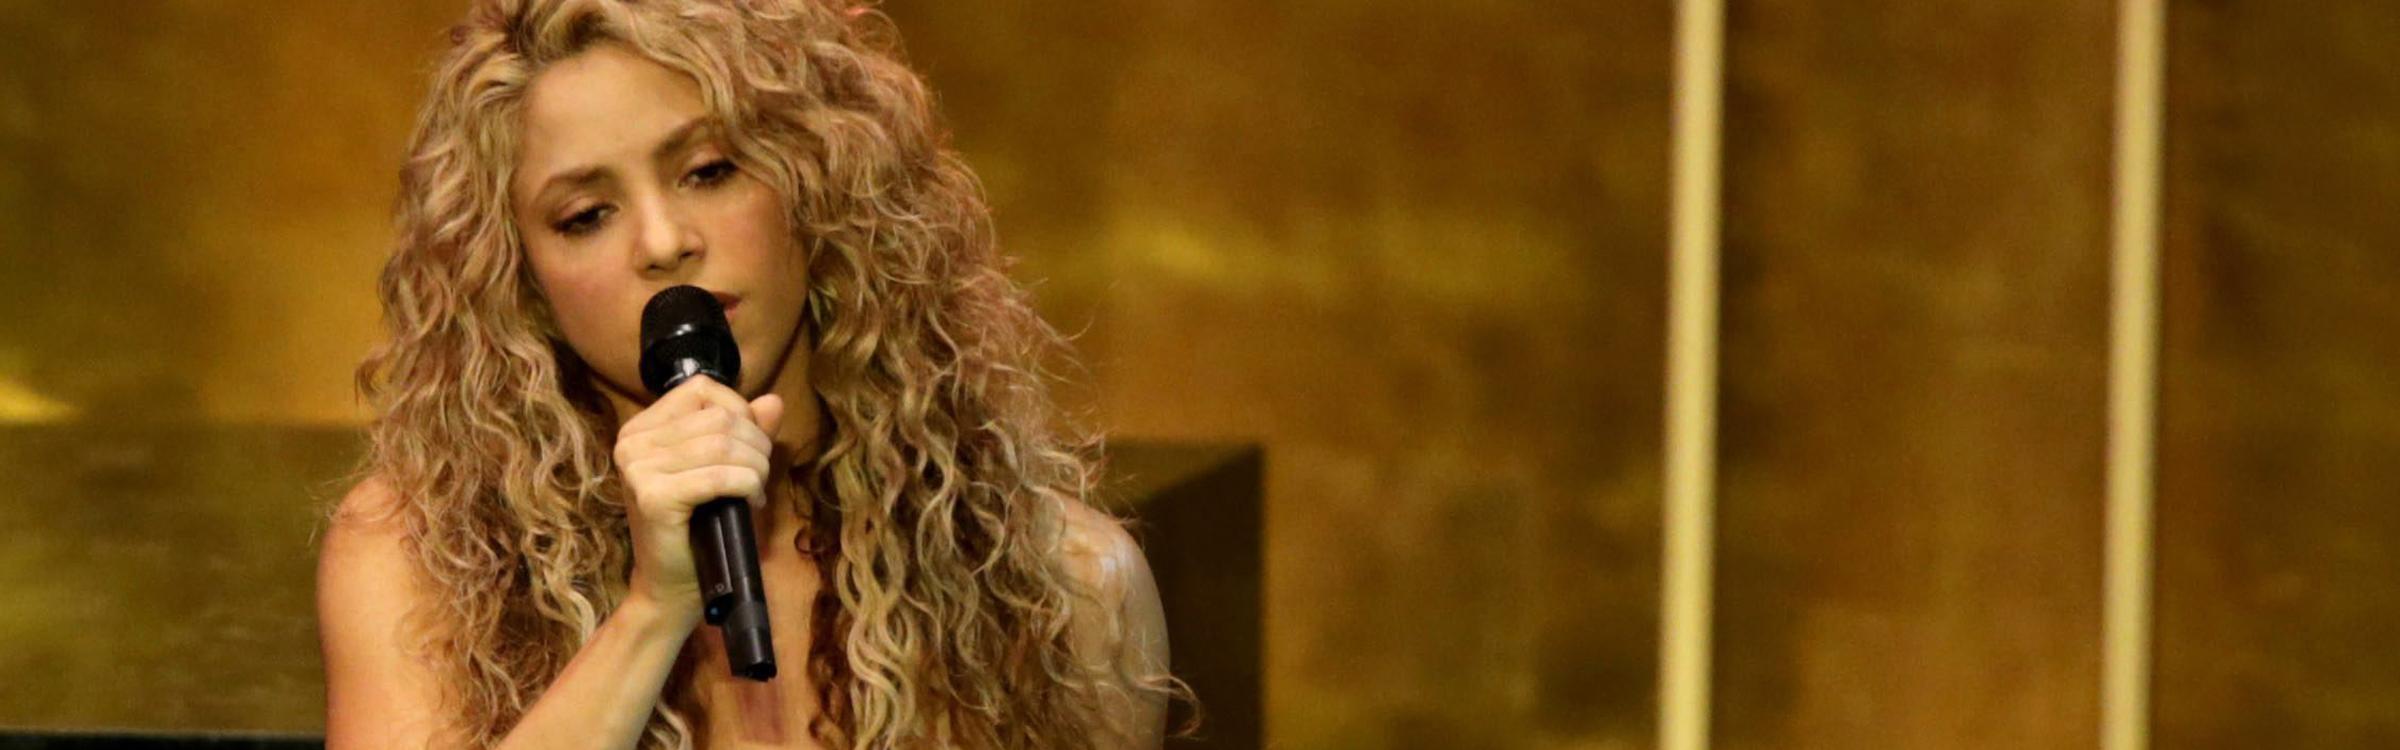 Shakira 01